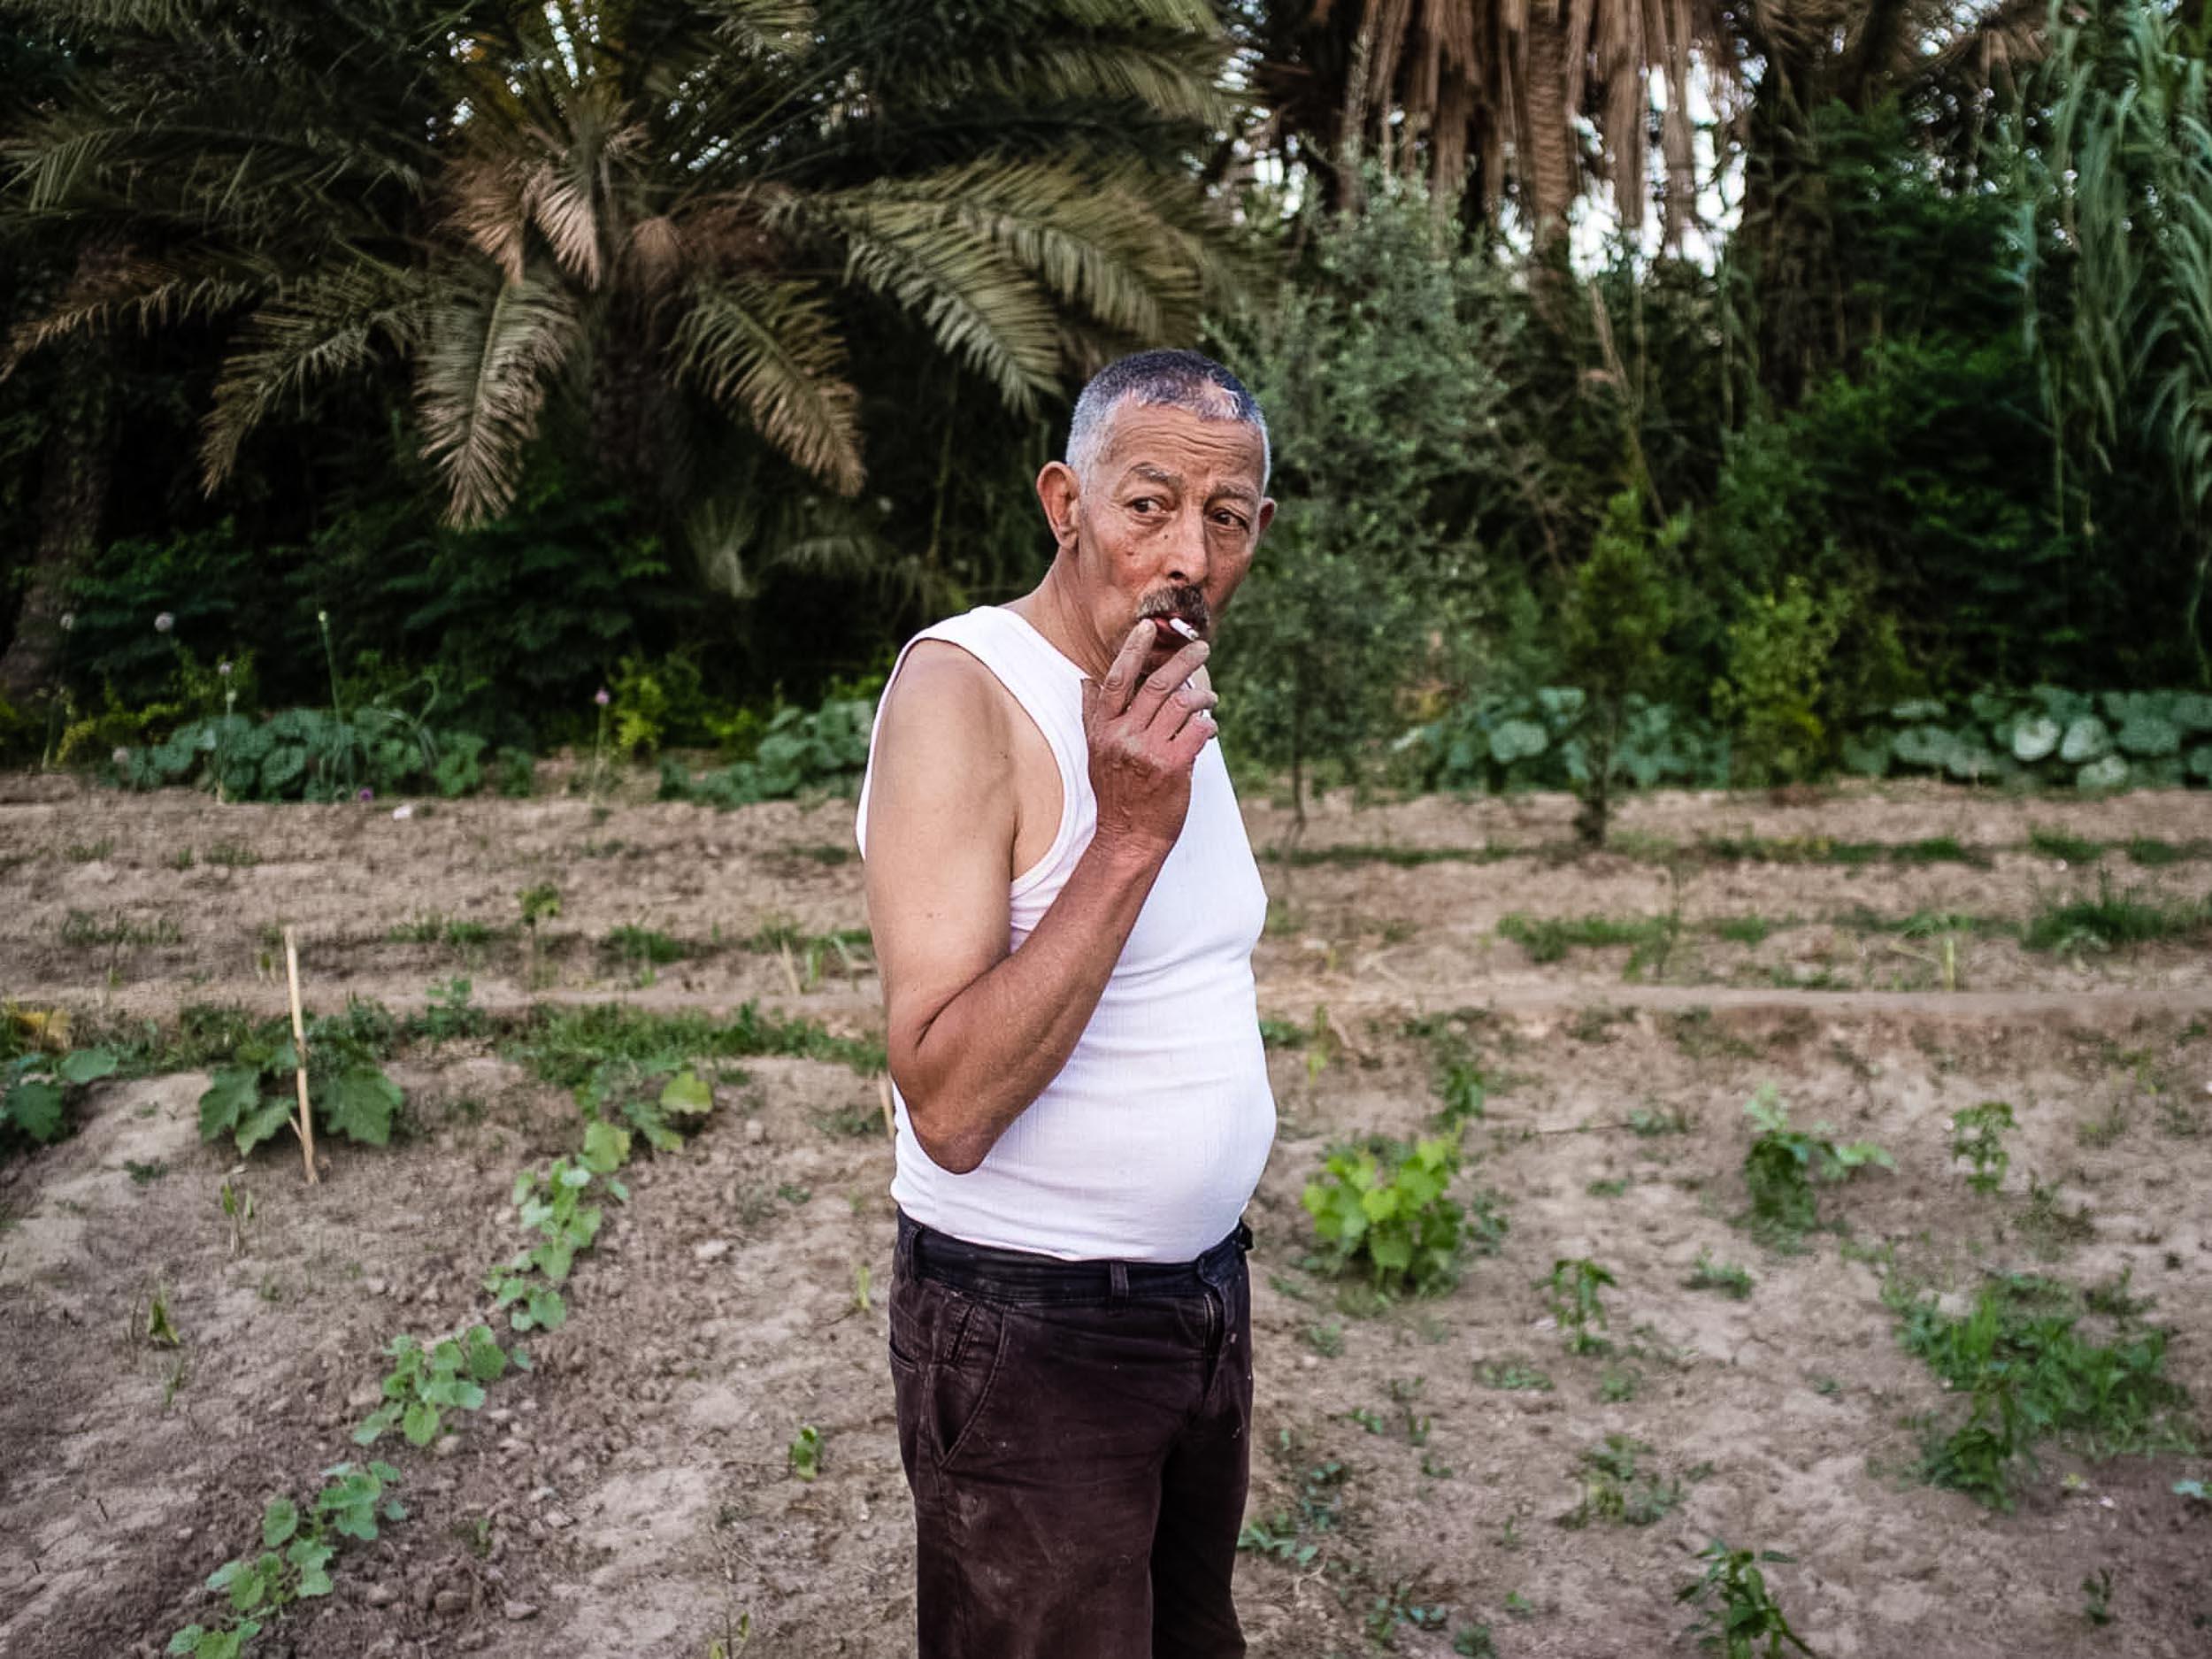 Gabes. Oasis de Chenini. 2016. L'agriculteur Ali Ahmed sur sa parcelle familiale. Il a hérité de son père de 3000 m2 de terrain. Ali a toujours travaillé dans l'agriculture parallèlement à son activité dans l'éducation nationale. Avec le soutien de l'association de sauvegarde de l'oasis de Chenini, l'agriculteur utilise des méthodes traditionnelles, biologiques et écologiques pour cultiver sa parcelle.